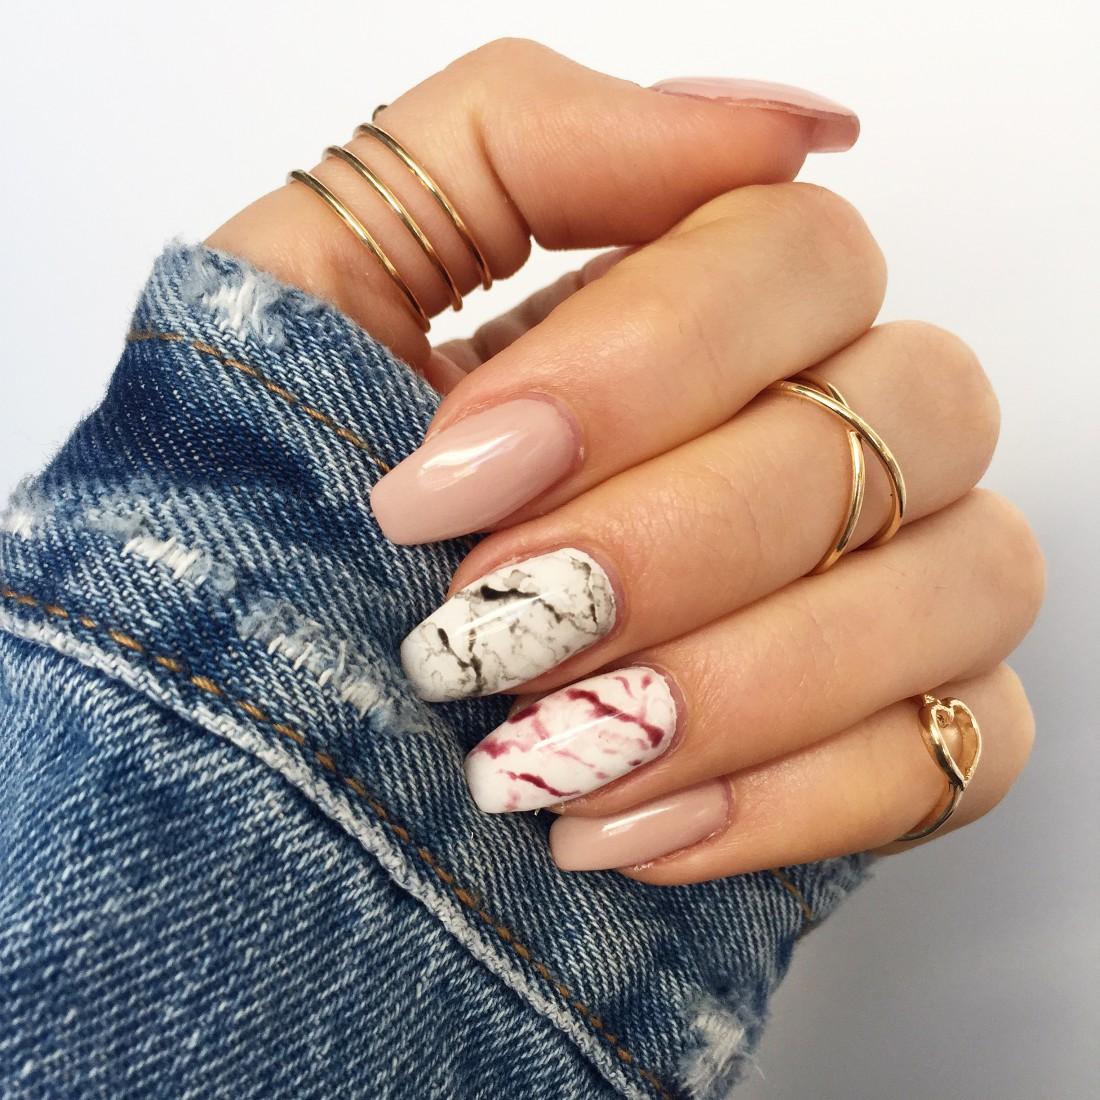 Будь готова посвятить этот месяц своим ногтям